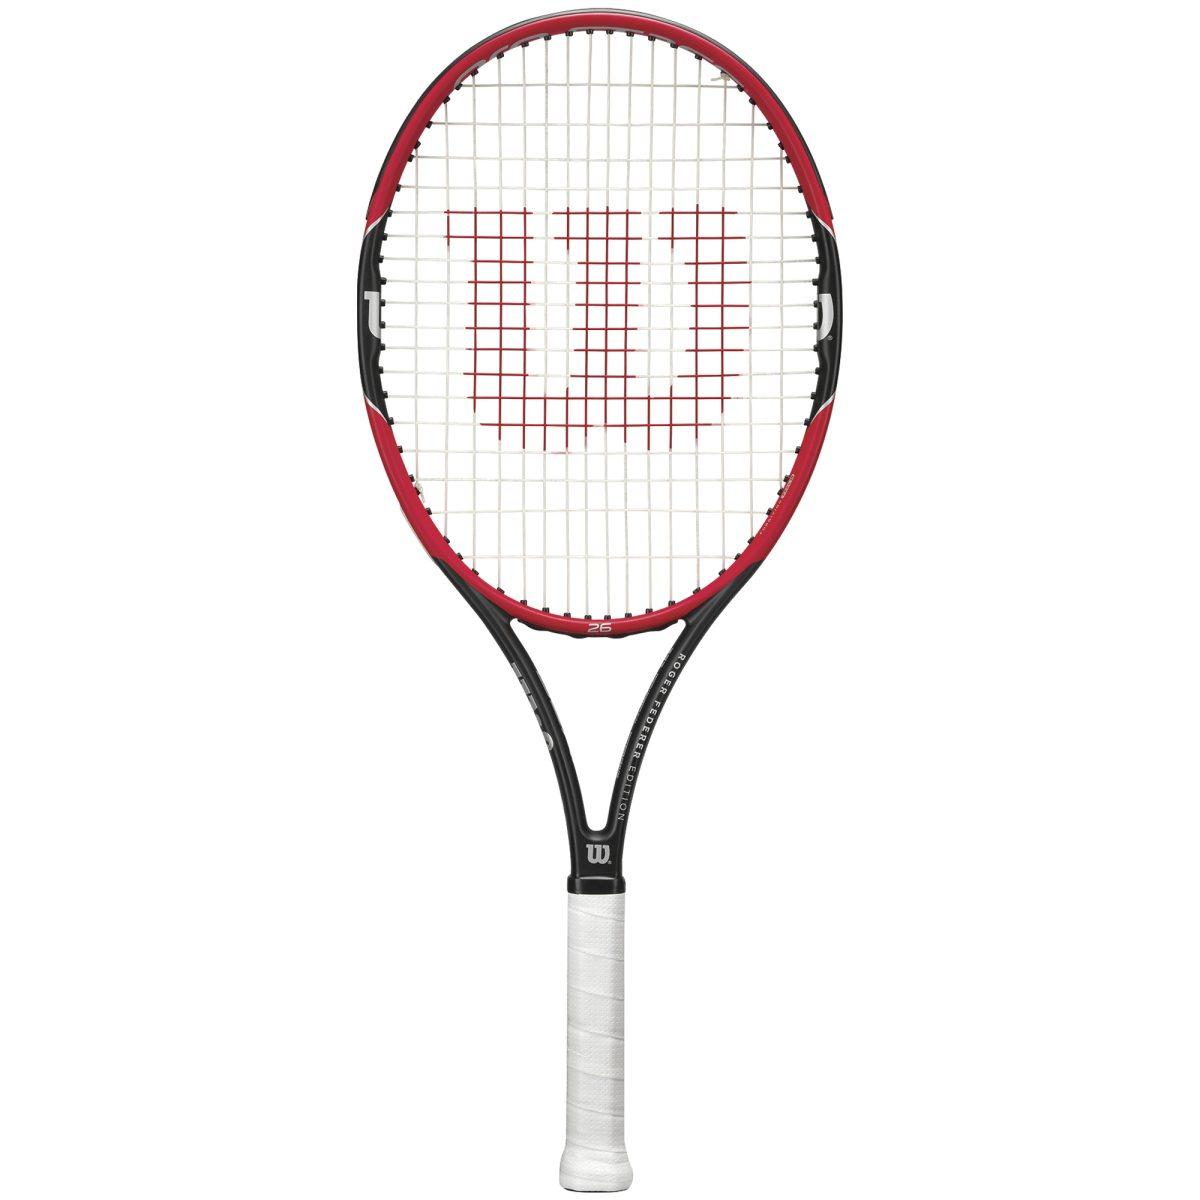 Handla från hela världen hos PricePi. myggdödare tennisracket med grått 59446e97d241c